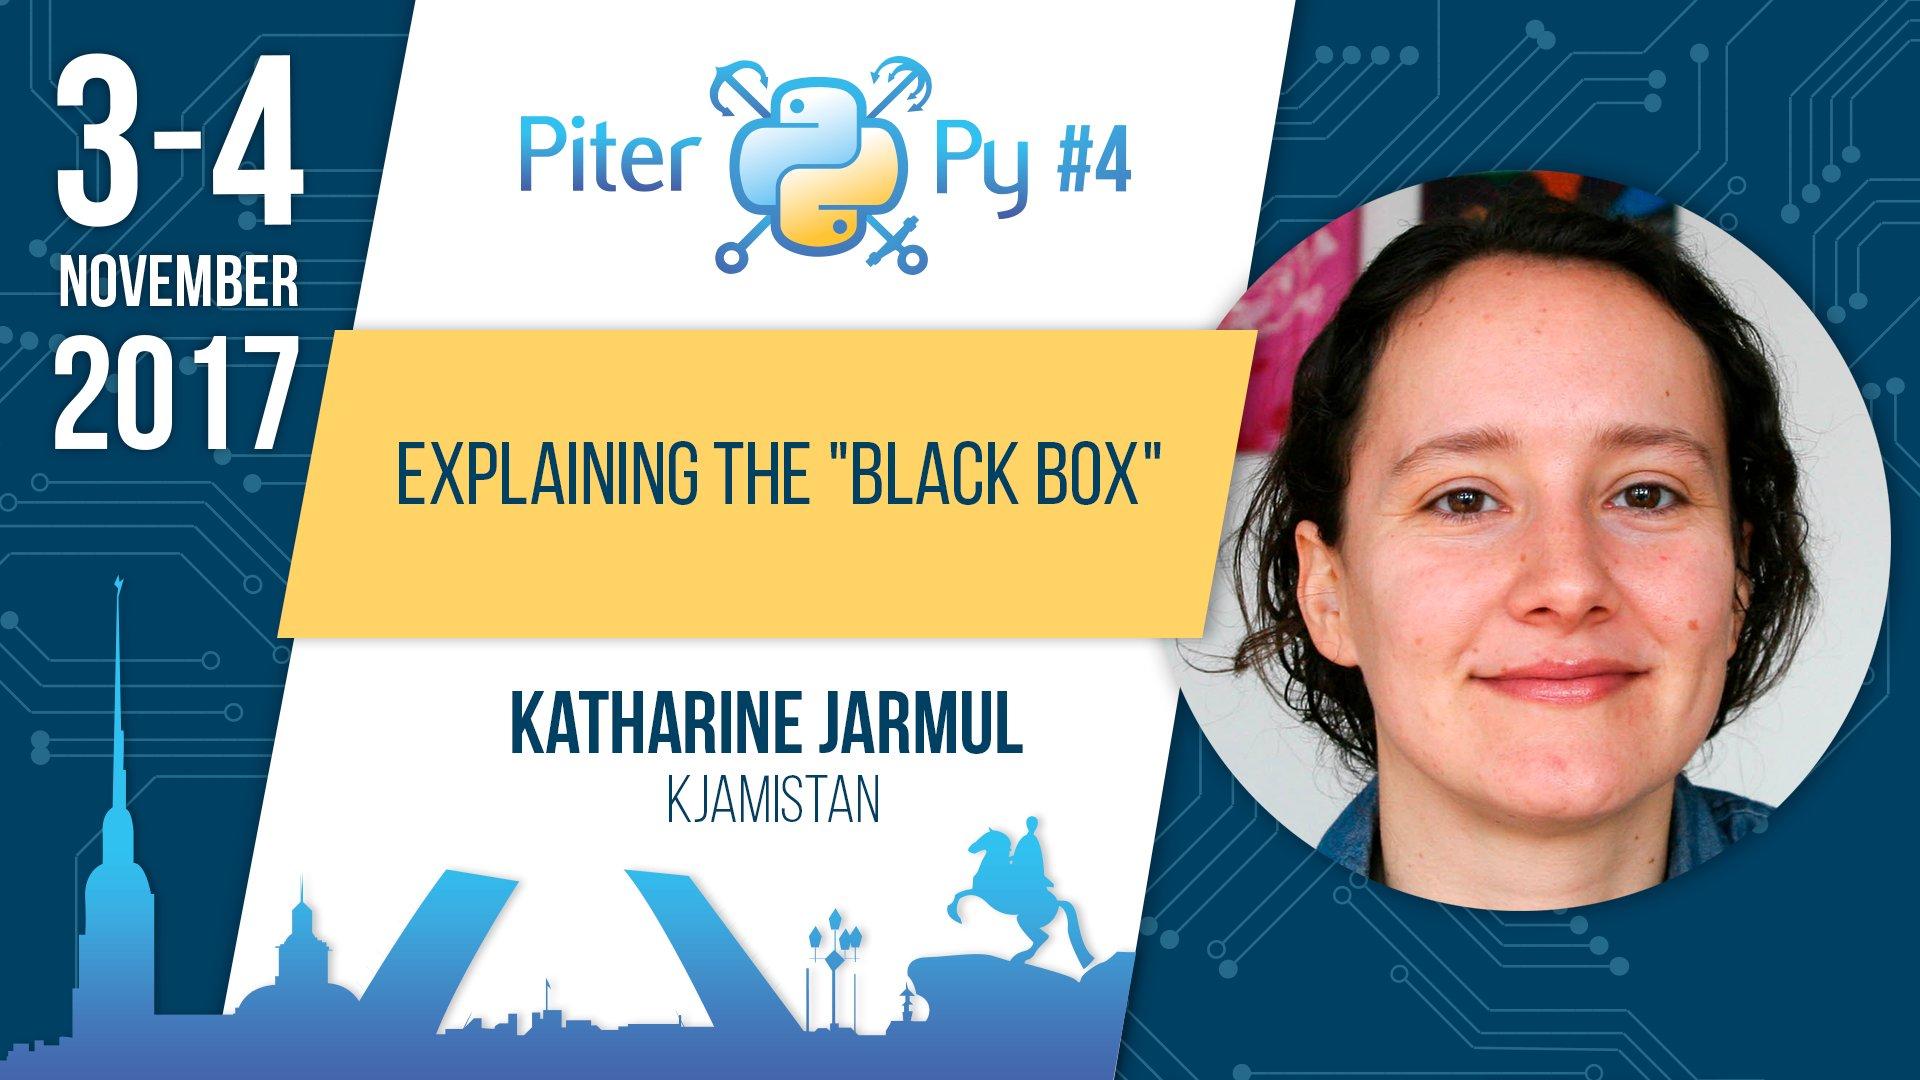 Как мы делаем PiterPy — европейскую конференцию по Python в Петербурге - 14